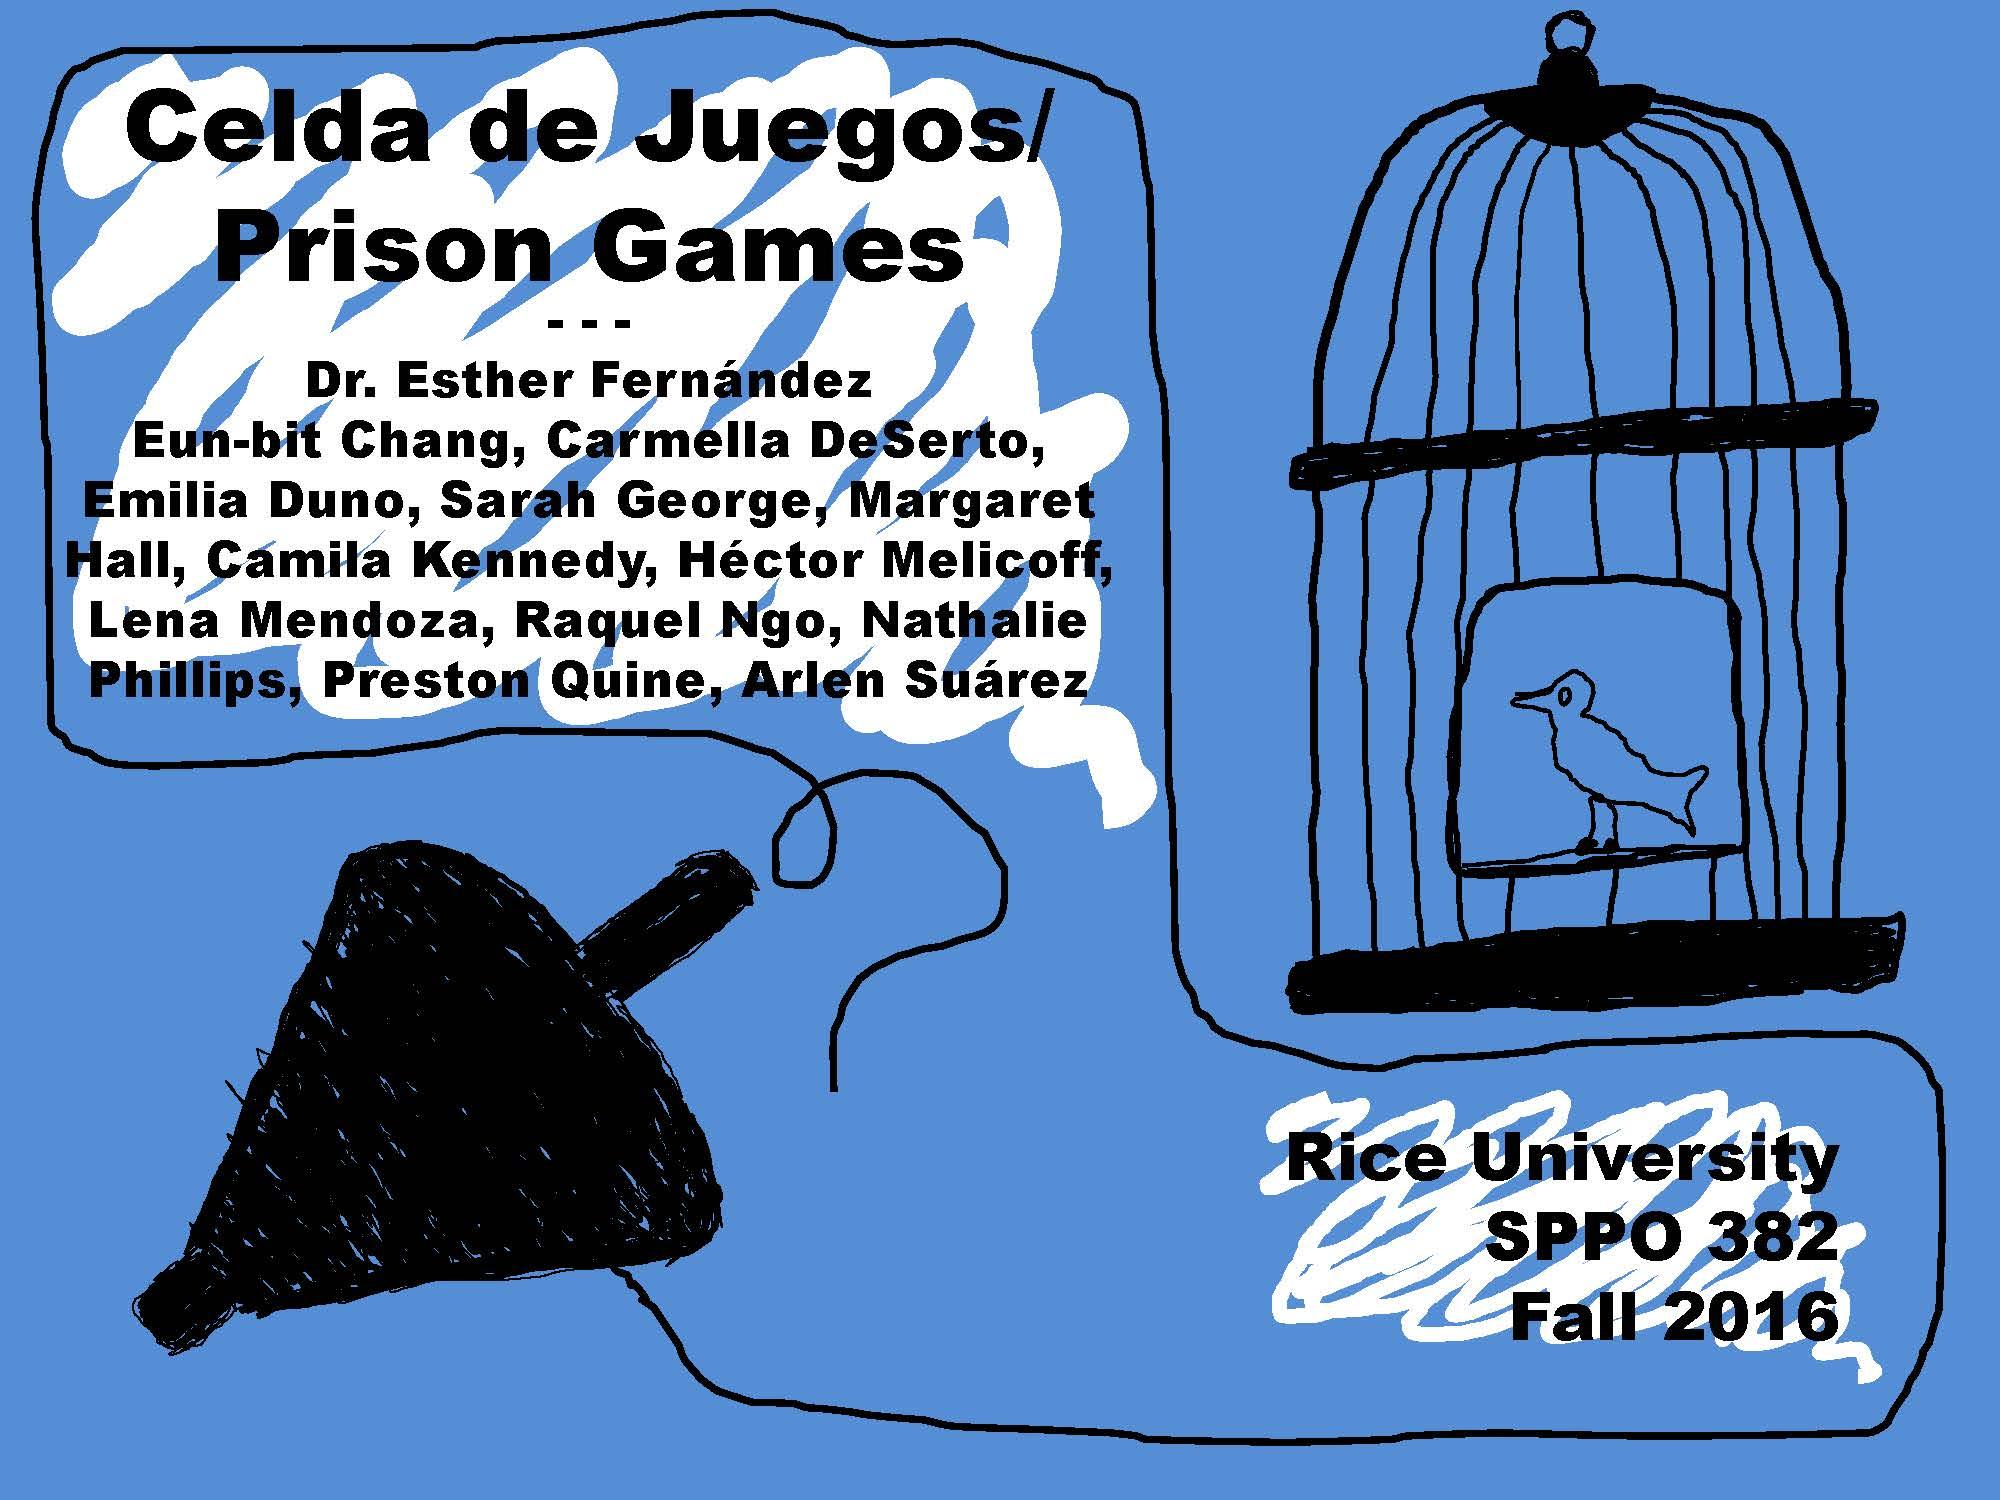 Celda de Juegos Poster.jpg